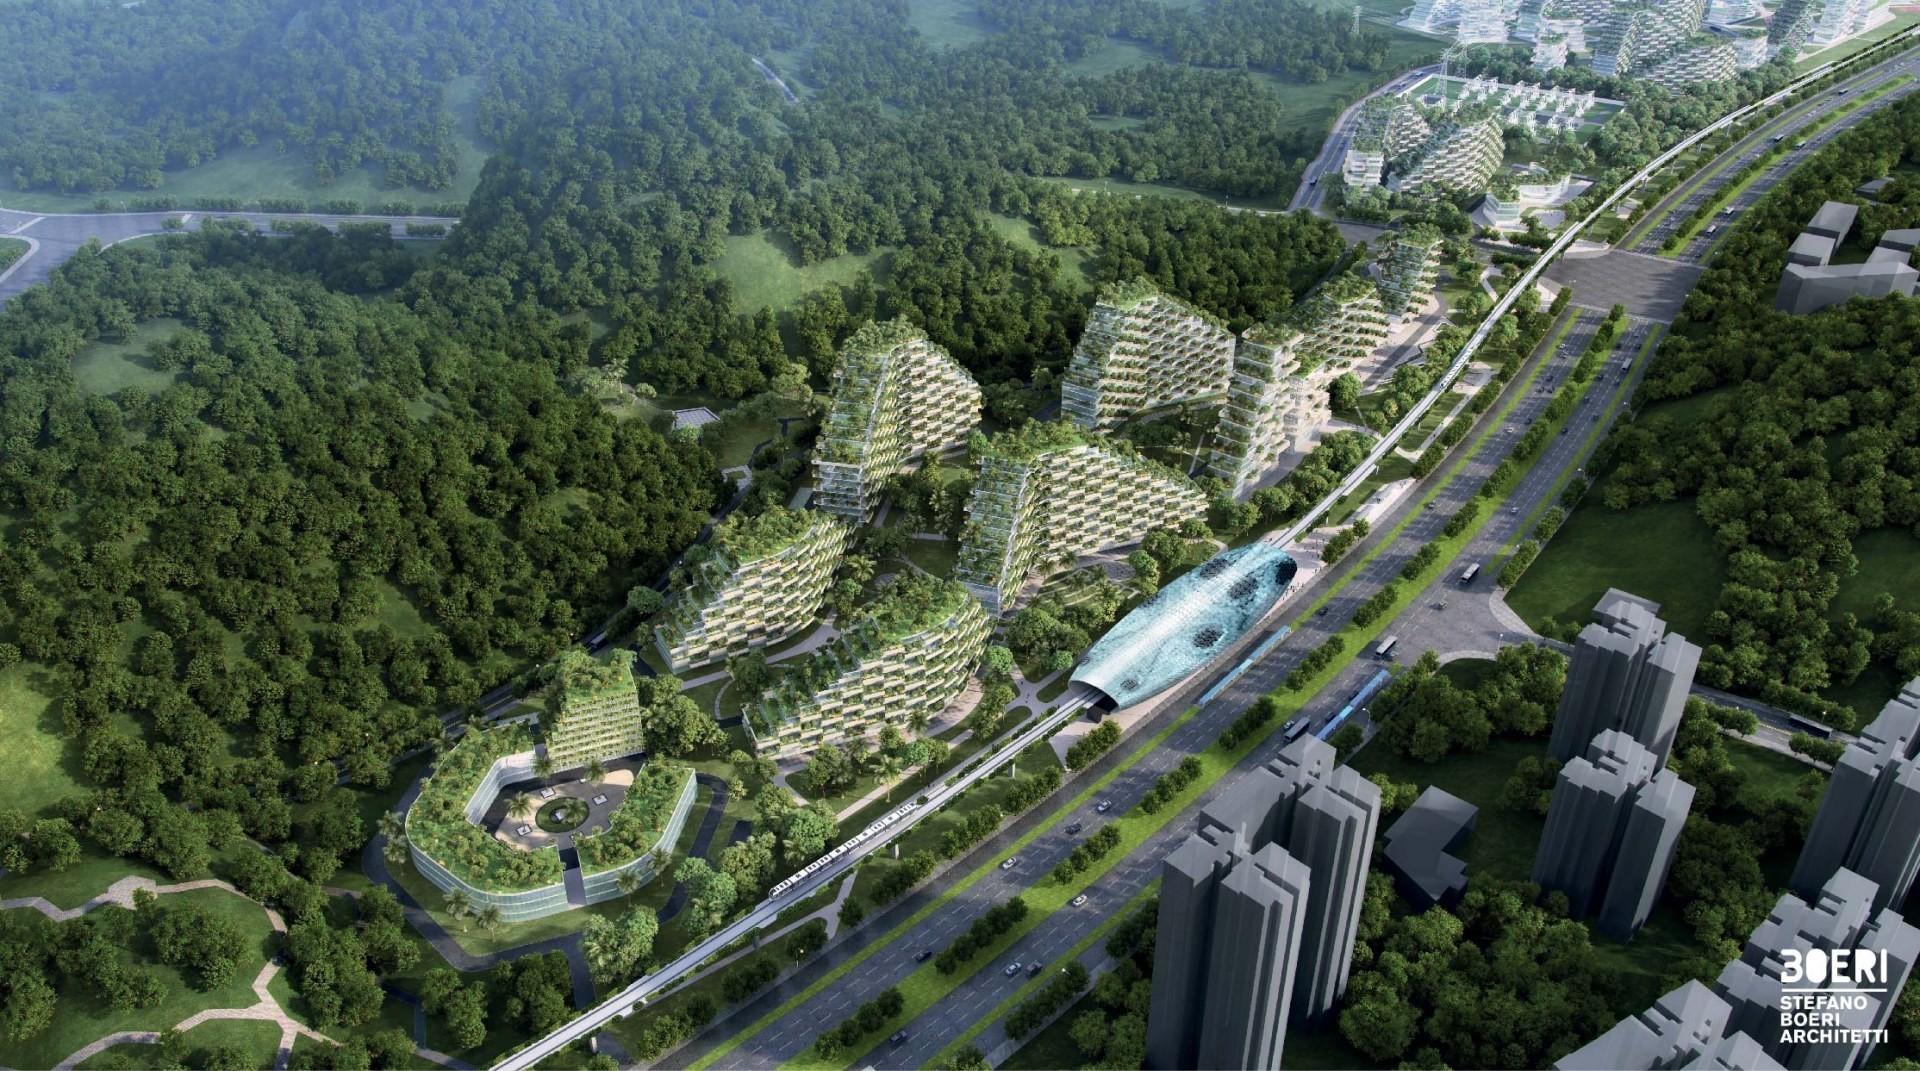 مشروع مدينة الغابة العامودية في الصين (Stefano Boeri Architetti)